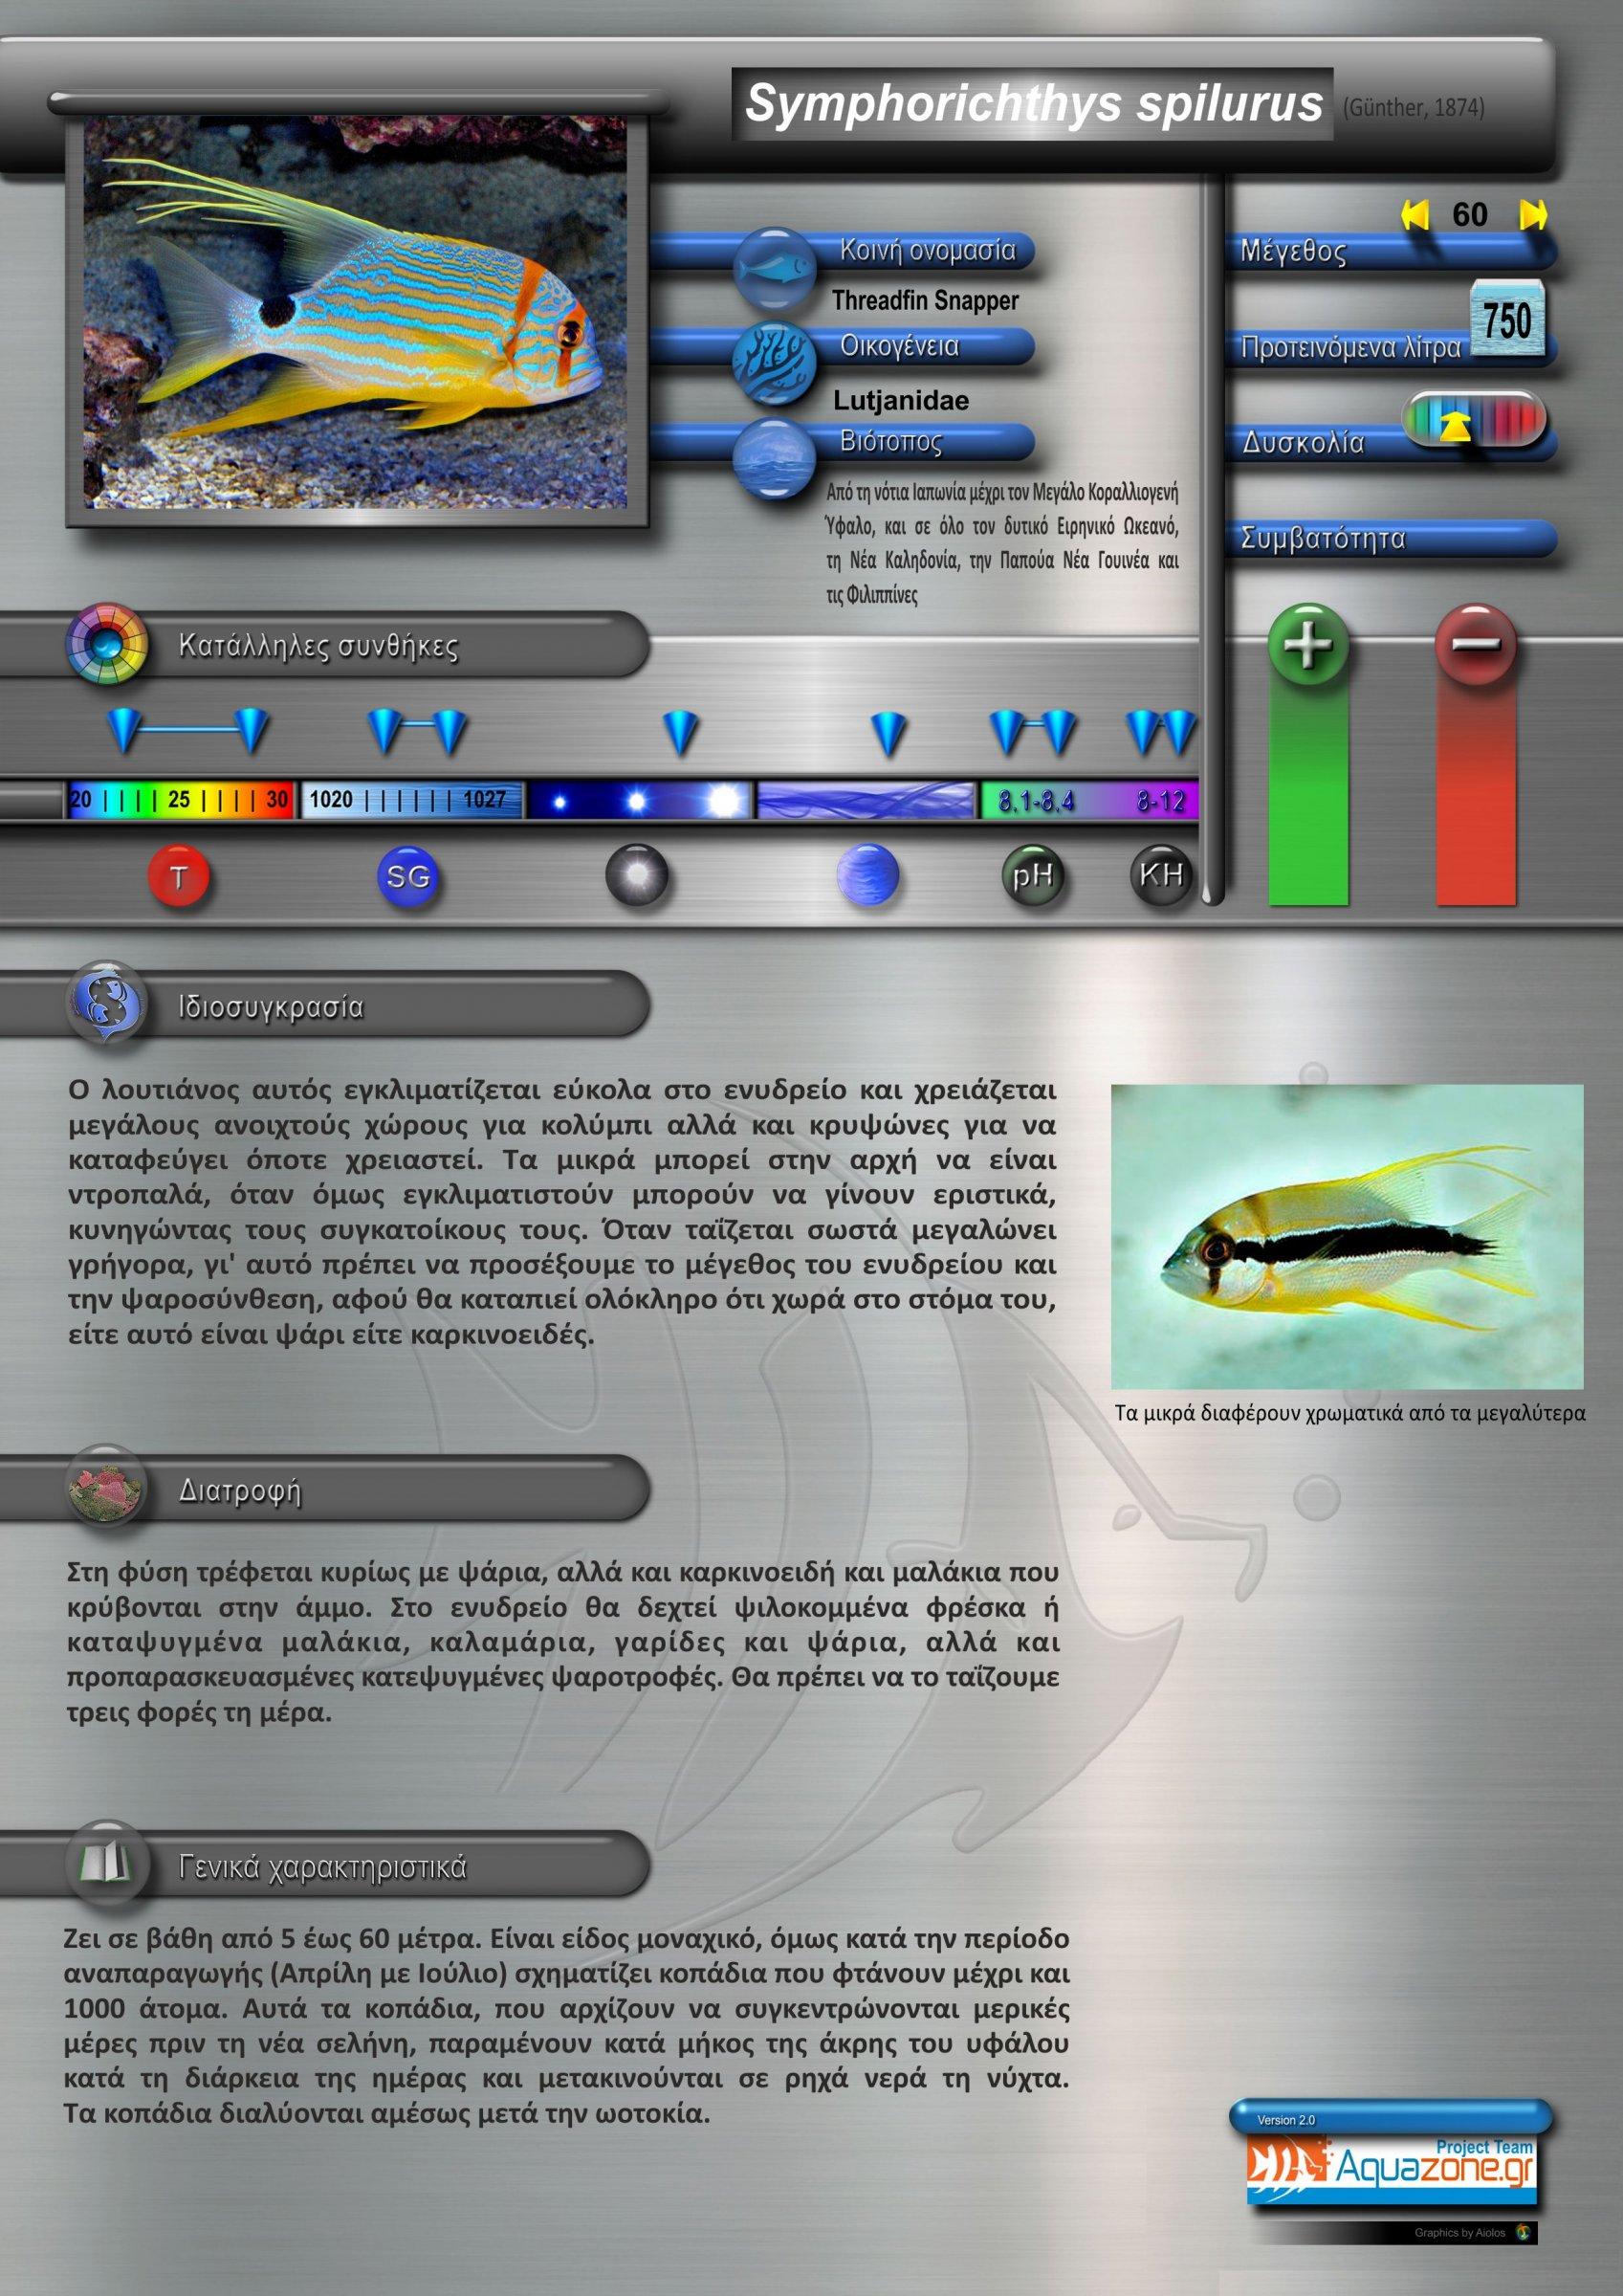 Symphorichthys spilurus.jpg